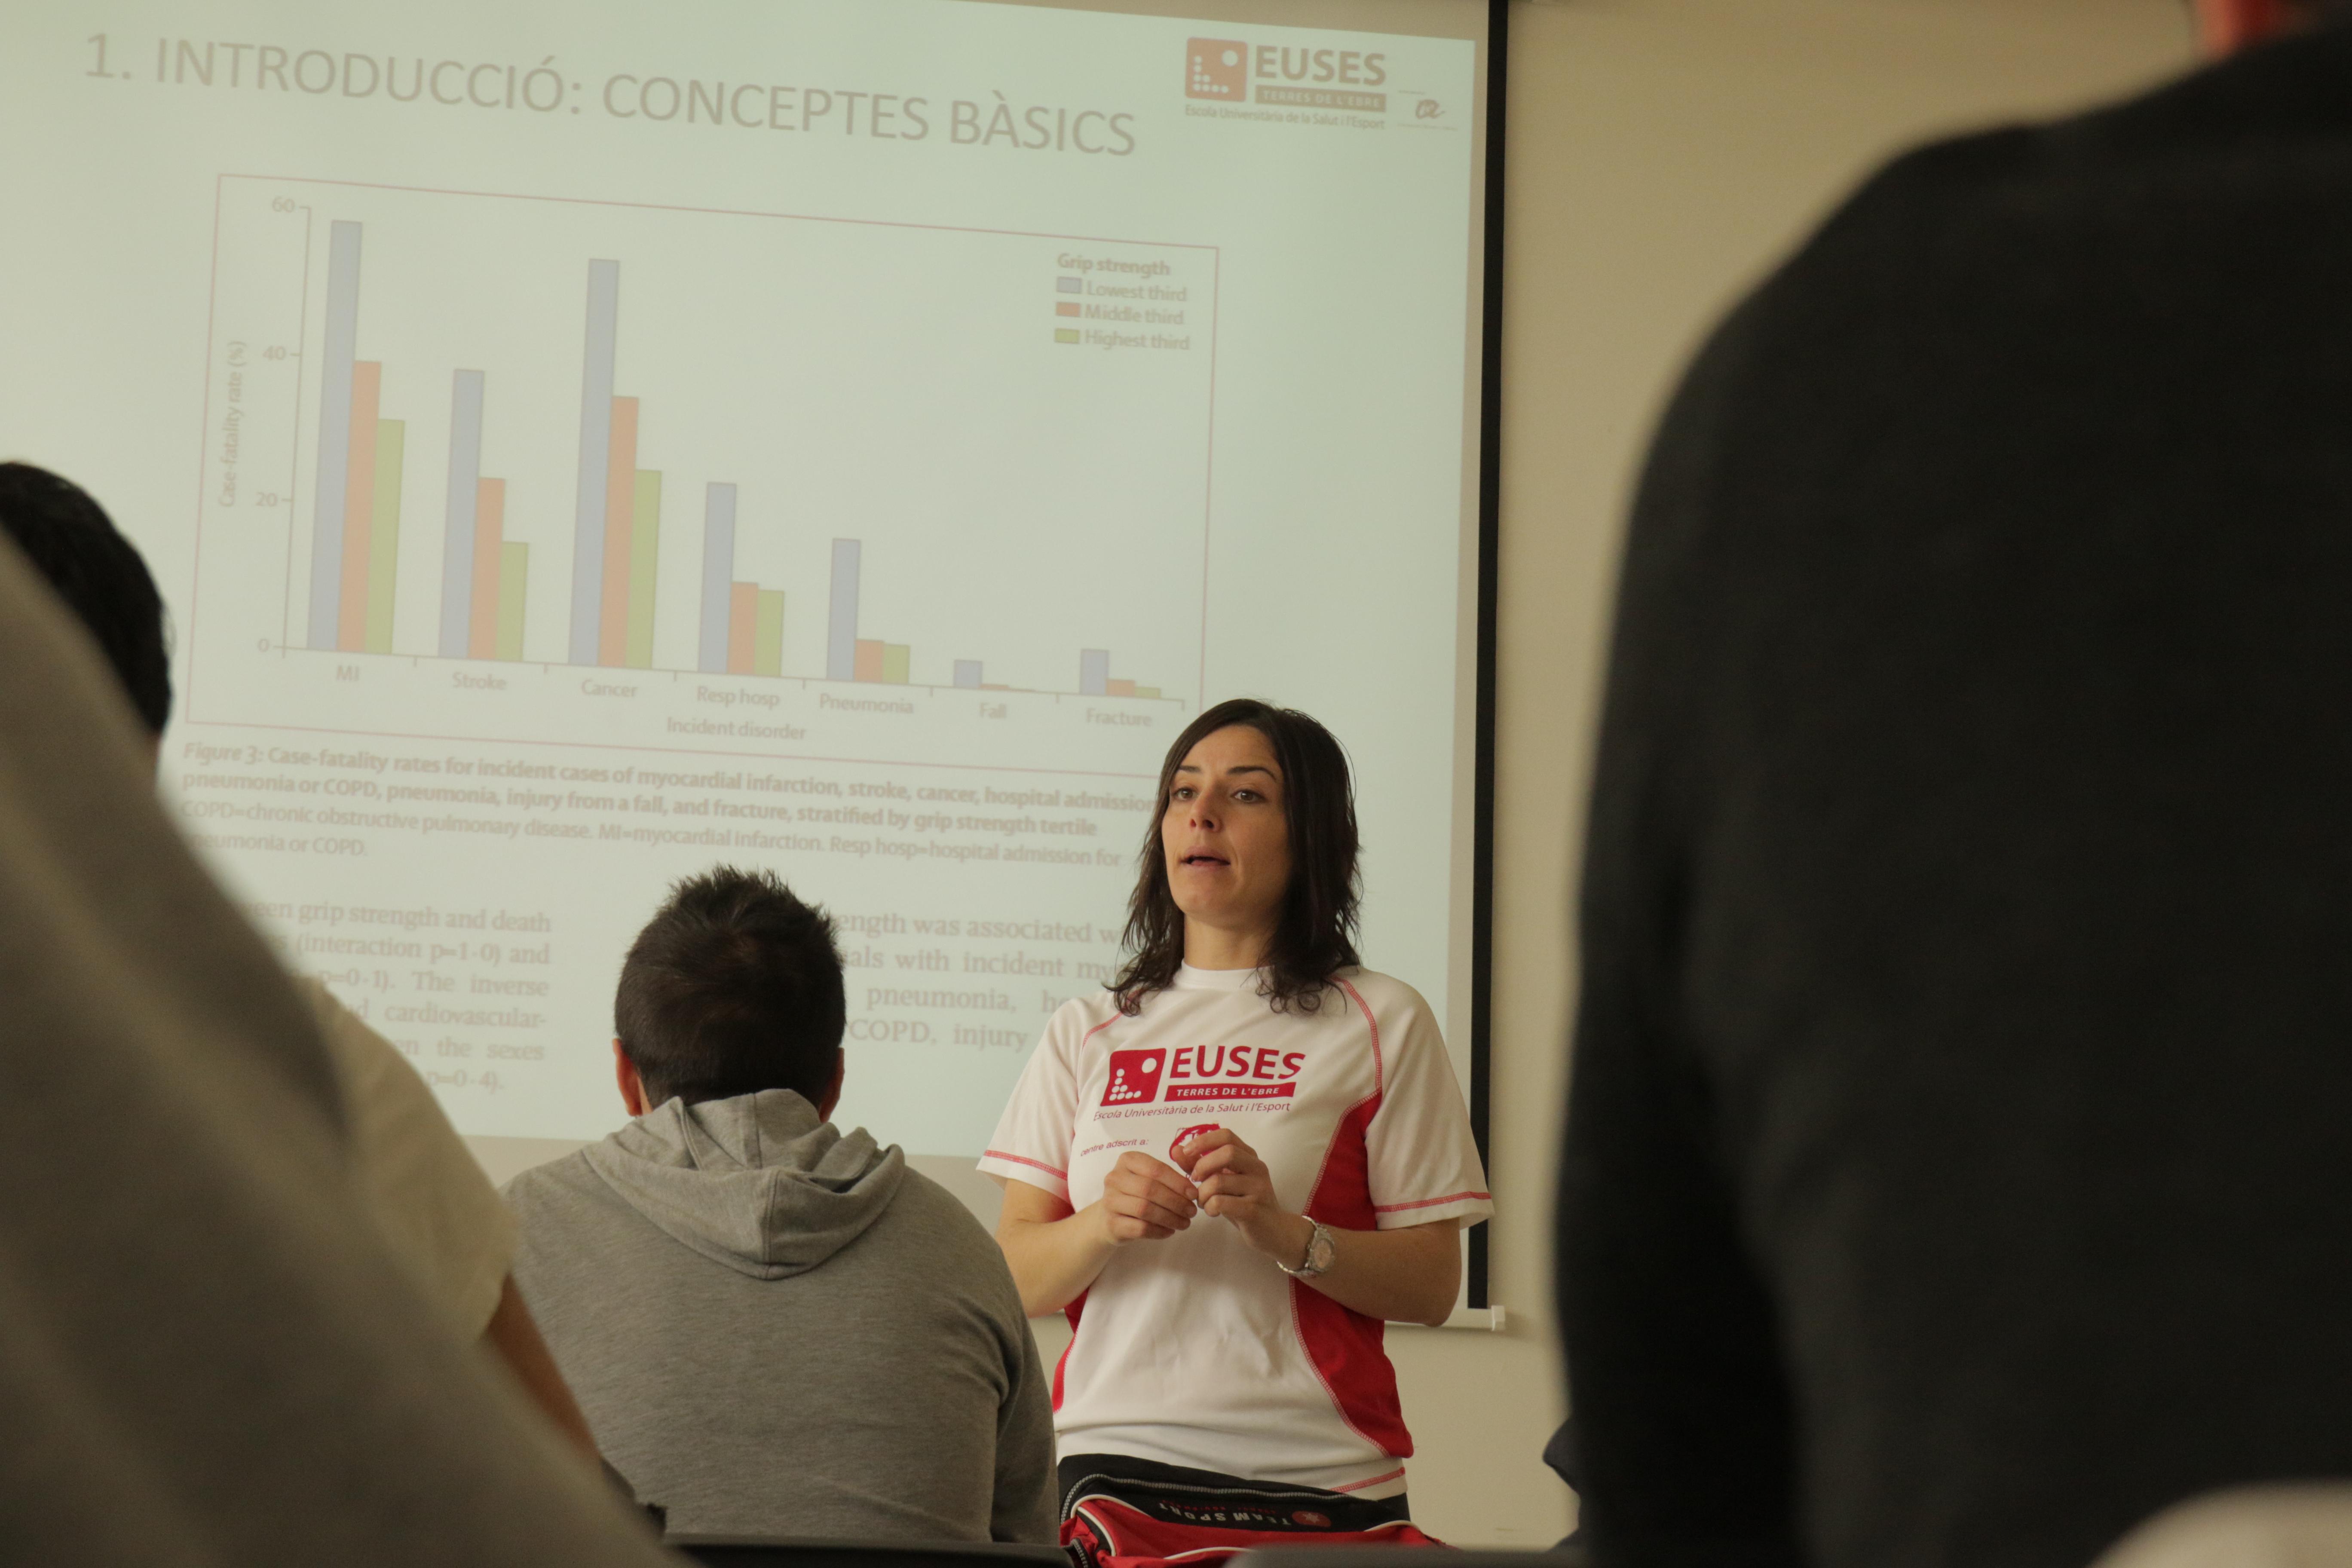 Forma't en les noves tendències de l'esport amb un professorat expert. Estudia el Grau en Ciències de l'Activitat Física i l'Esport a EUSES Terres de l'Ebre